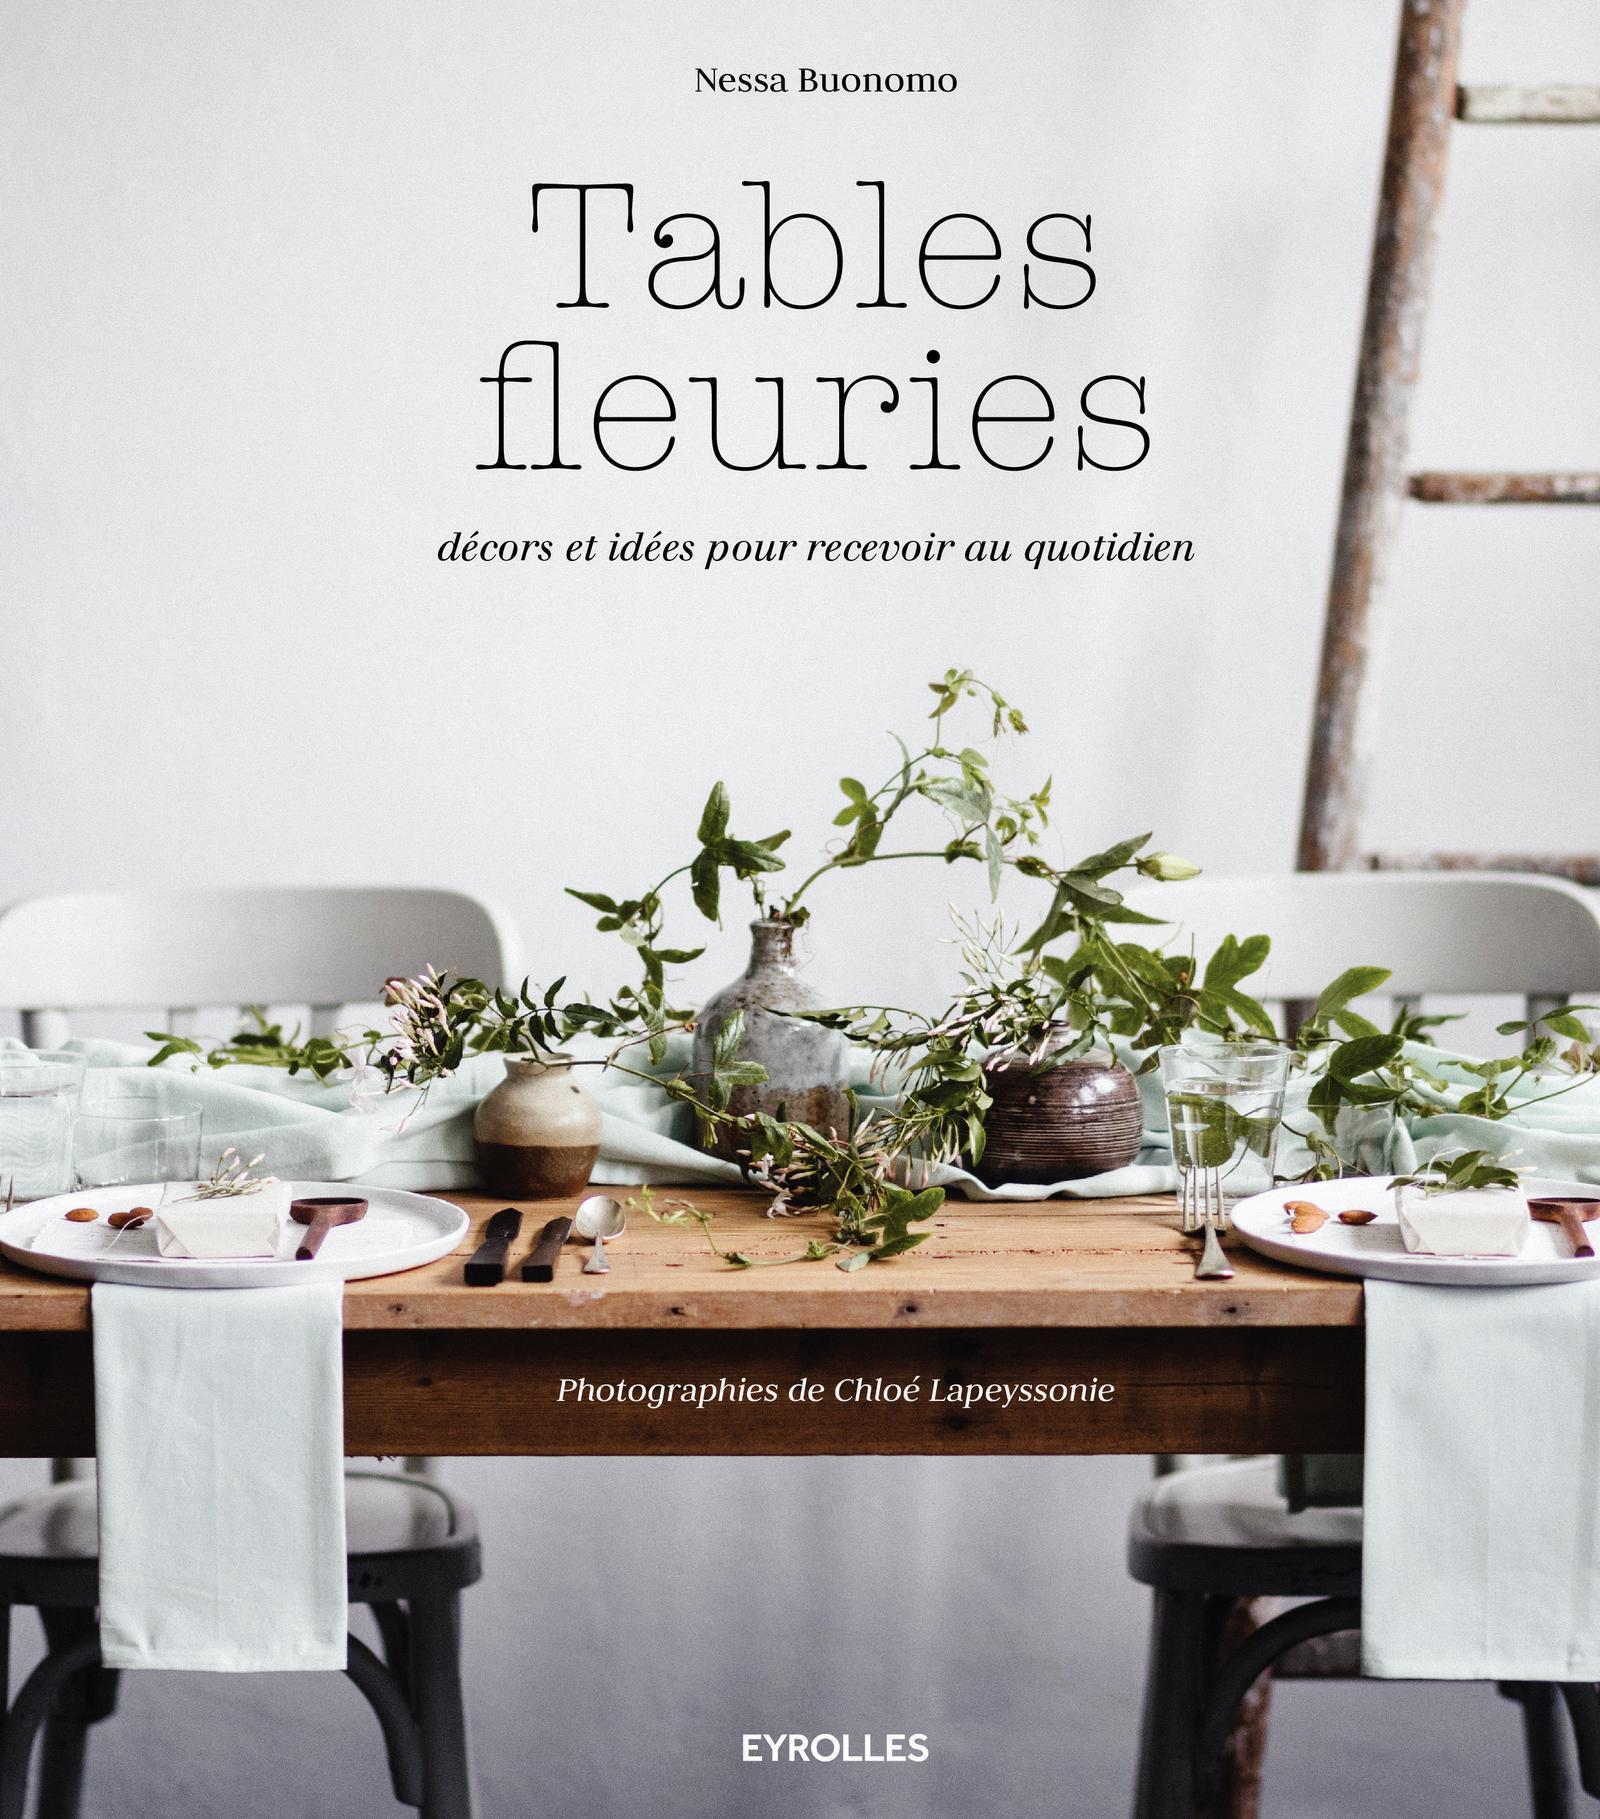 TABLES FLEURIES DECORS ET IDEES POUR RECEVOIR AU QUOTIDIEN - DECORS ET IDEES POUR RECEVOIR AU QUOTID